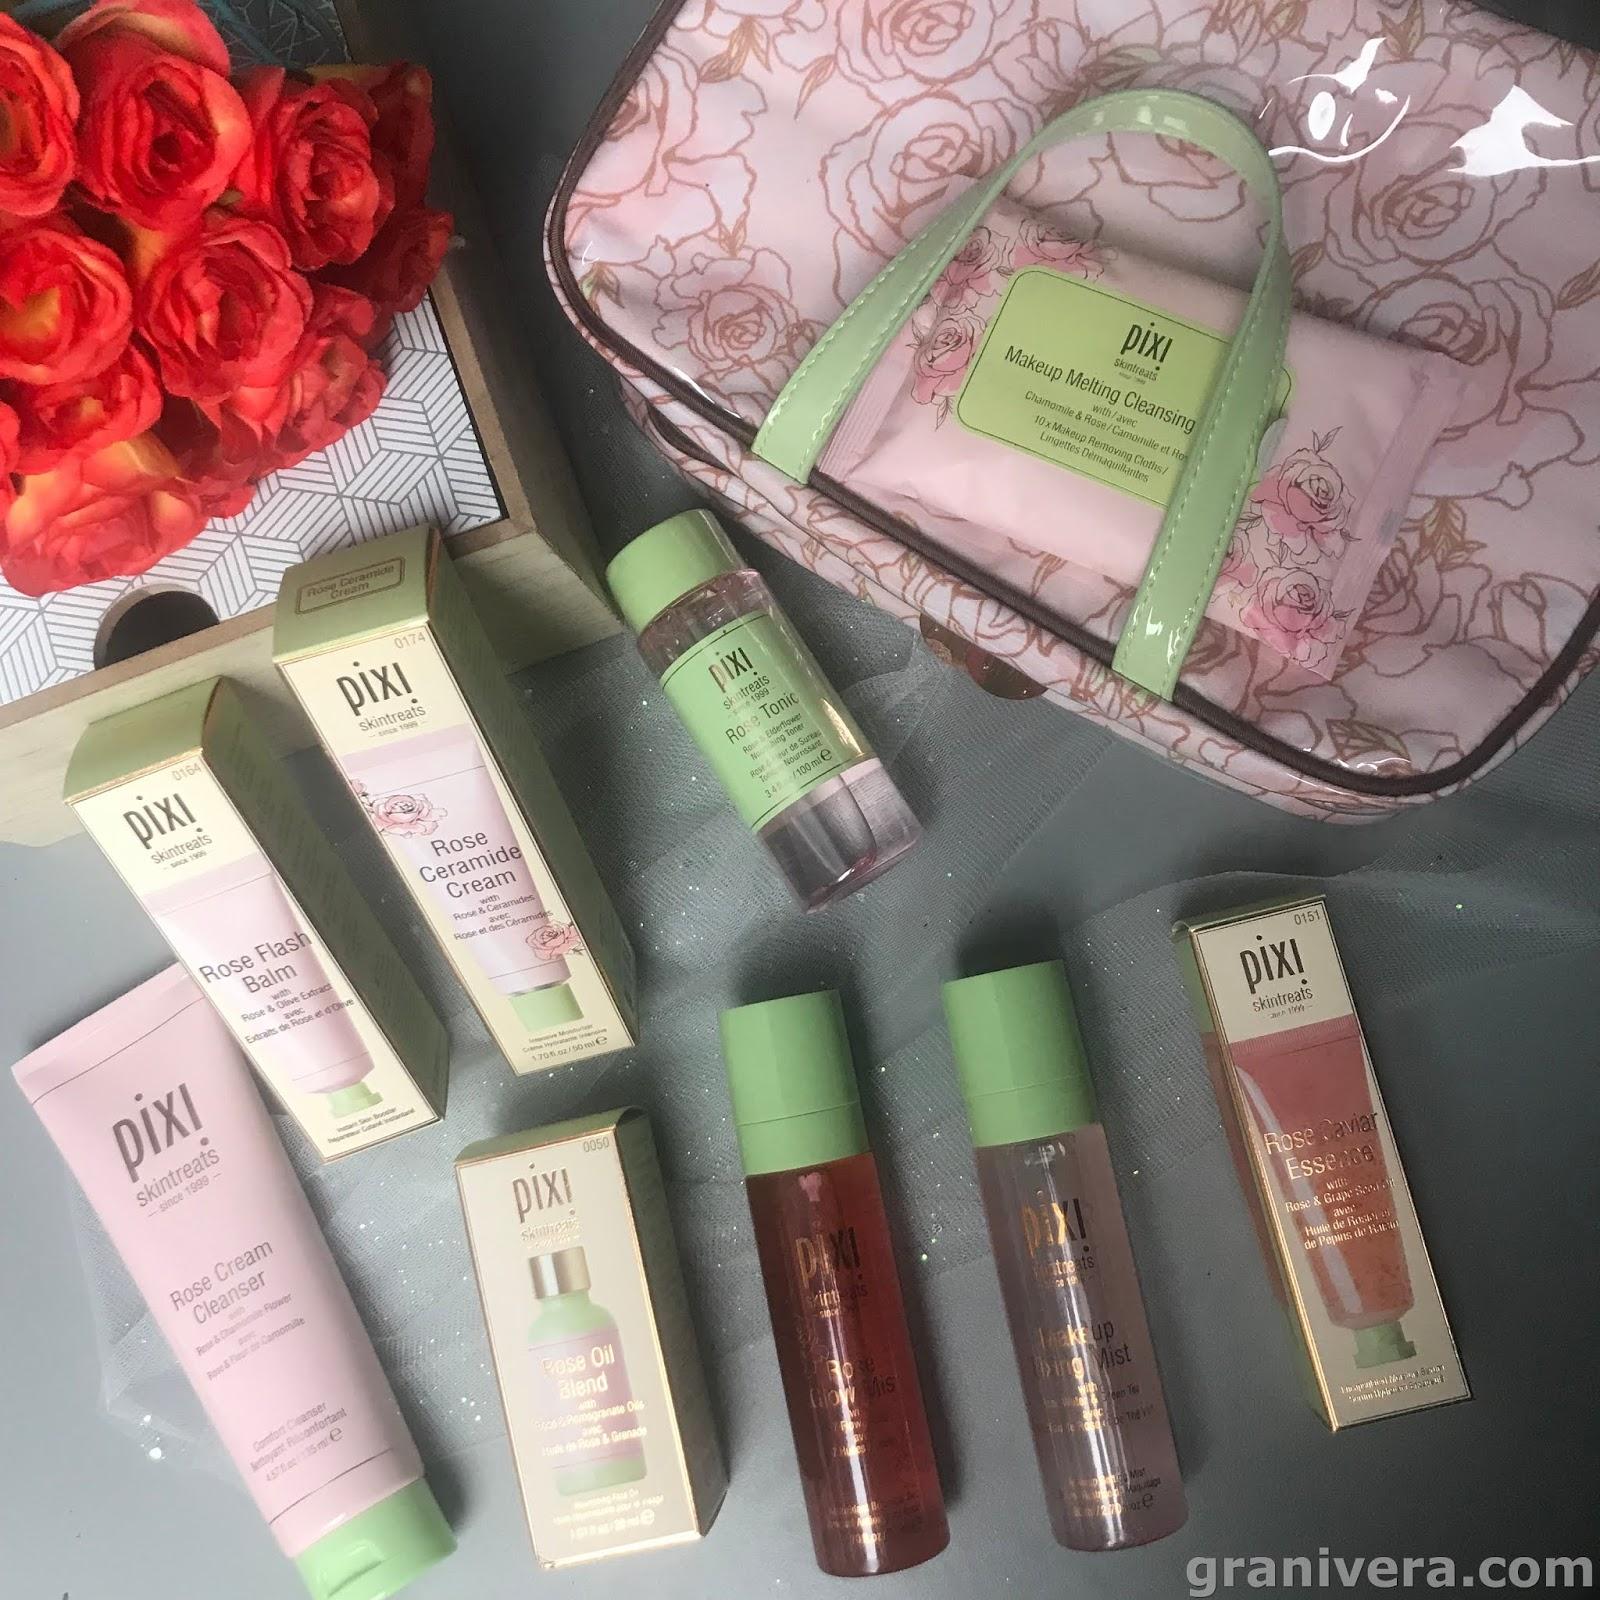 1d15ba21105f5 Wszystko zapakowane w praktycznej podróżnej kosmetyczce.